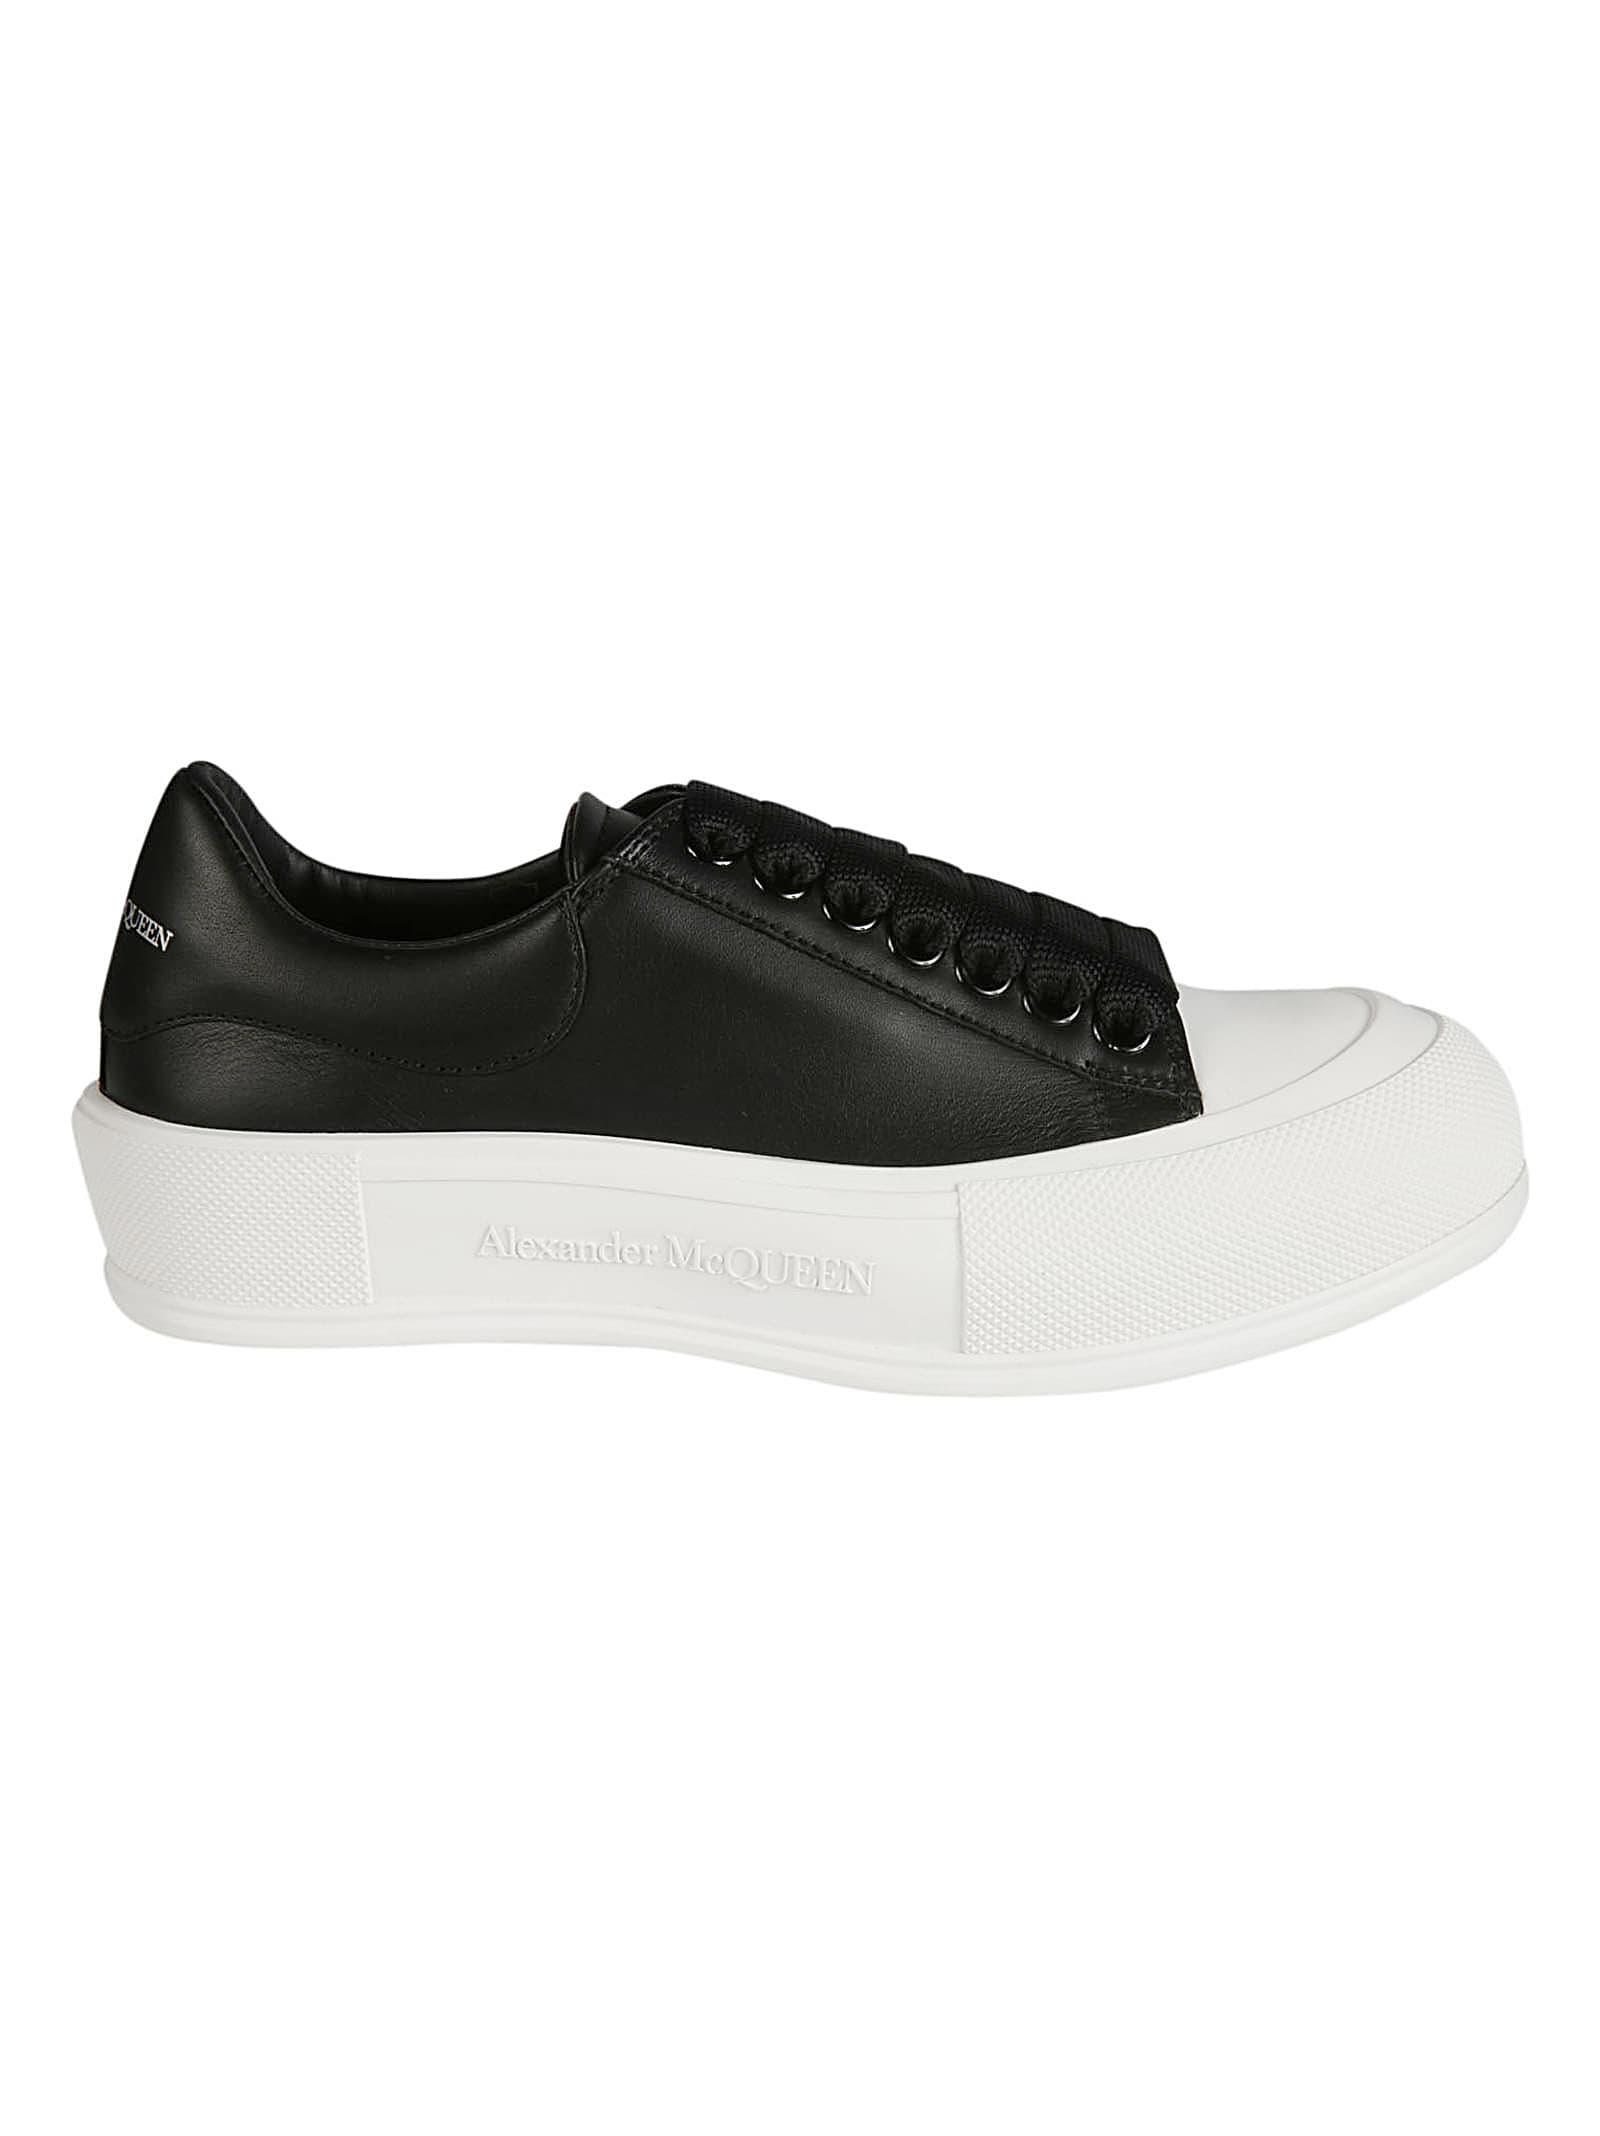 Alexander McQueen Embossed Logo Sole Sneakers